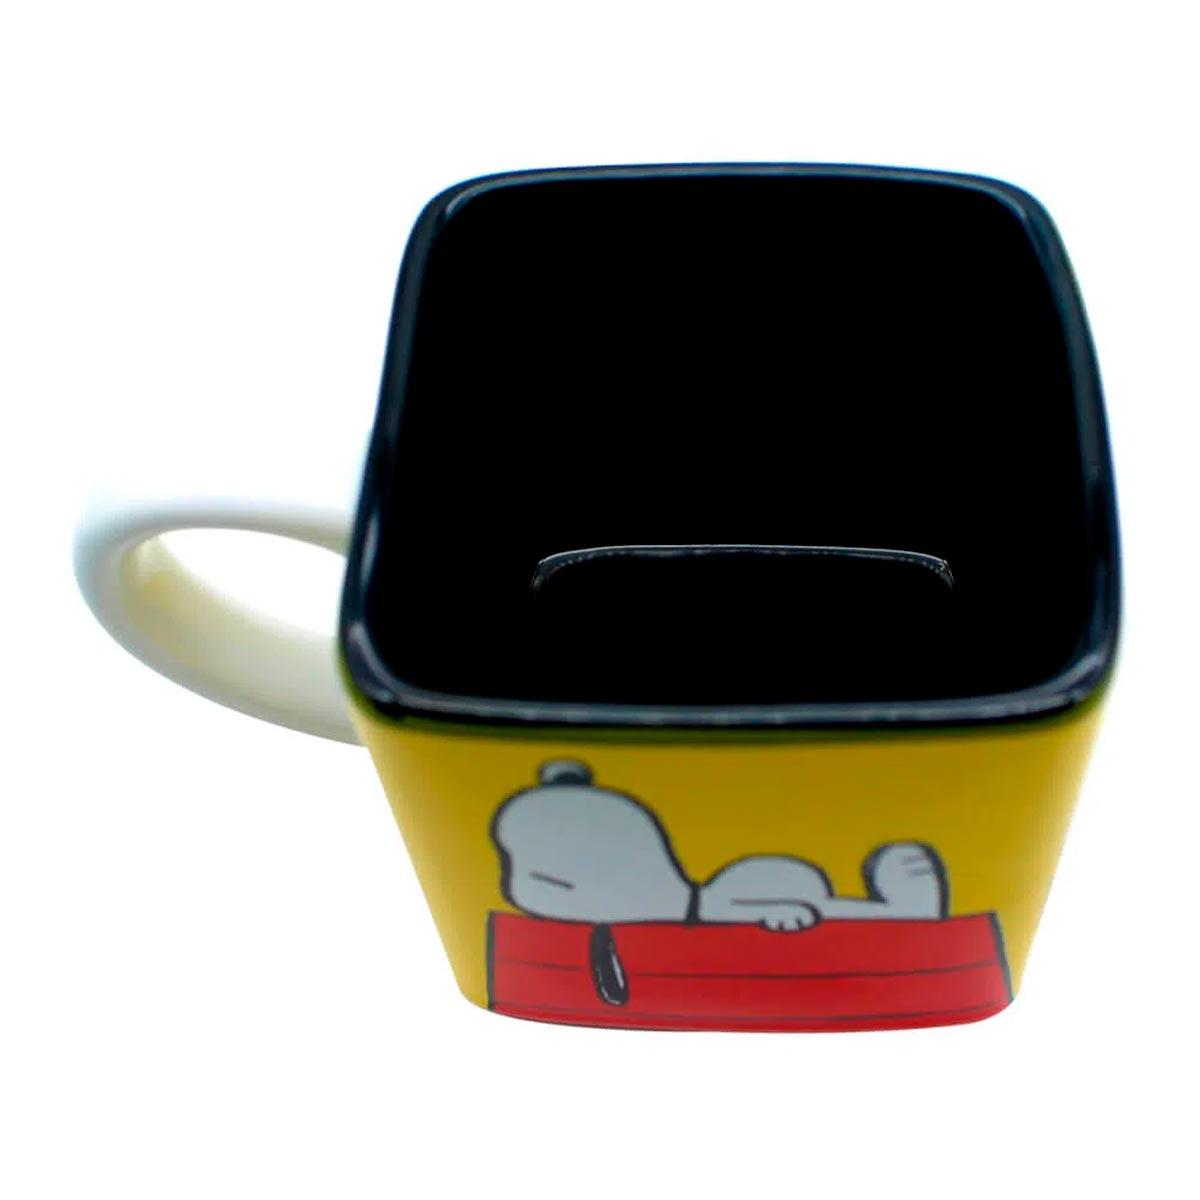 Caneca Quadrada Cubo Turma Snoopy